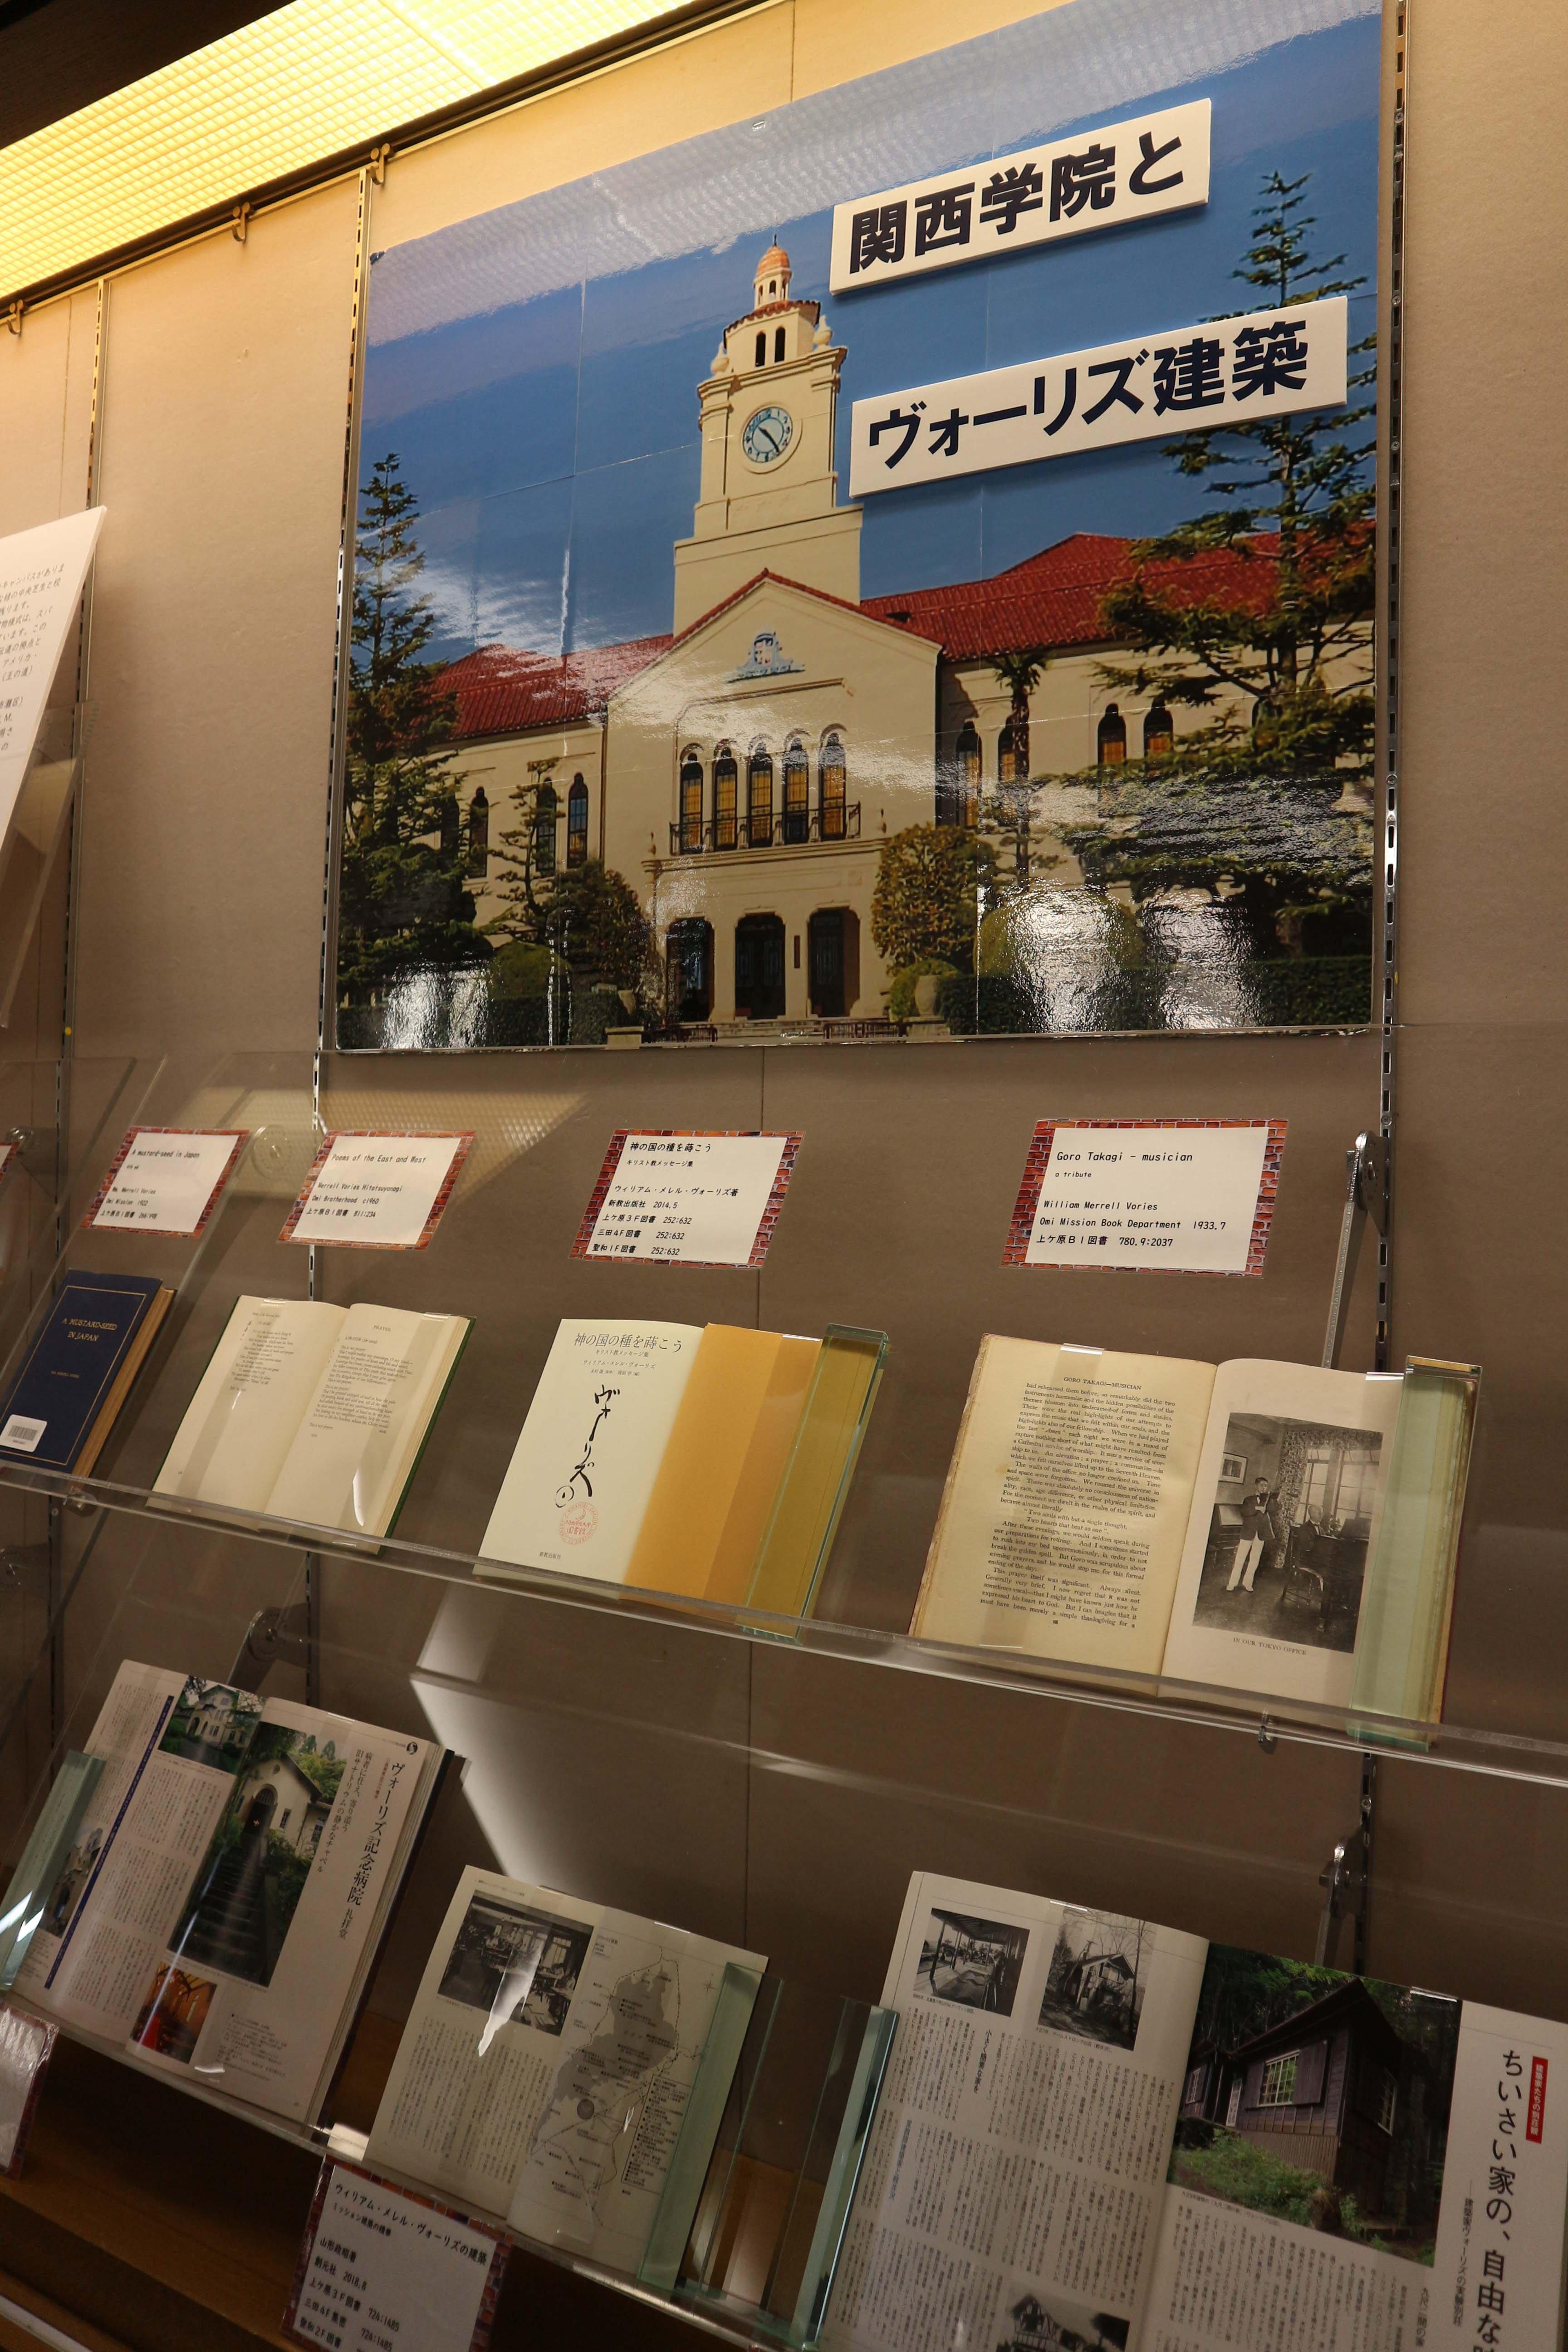 春展示「関西学院とヴォーリズ建築」公開中!